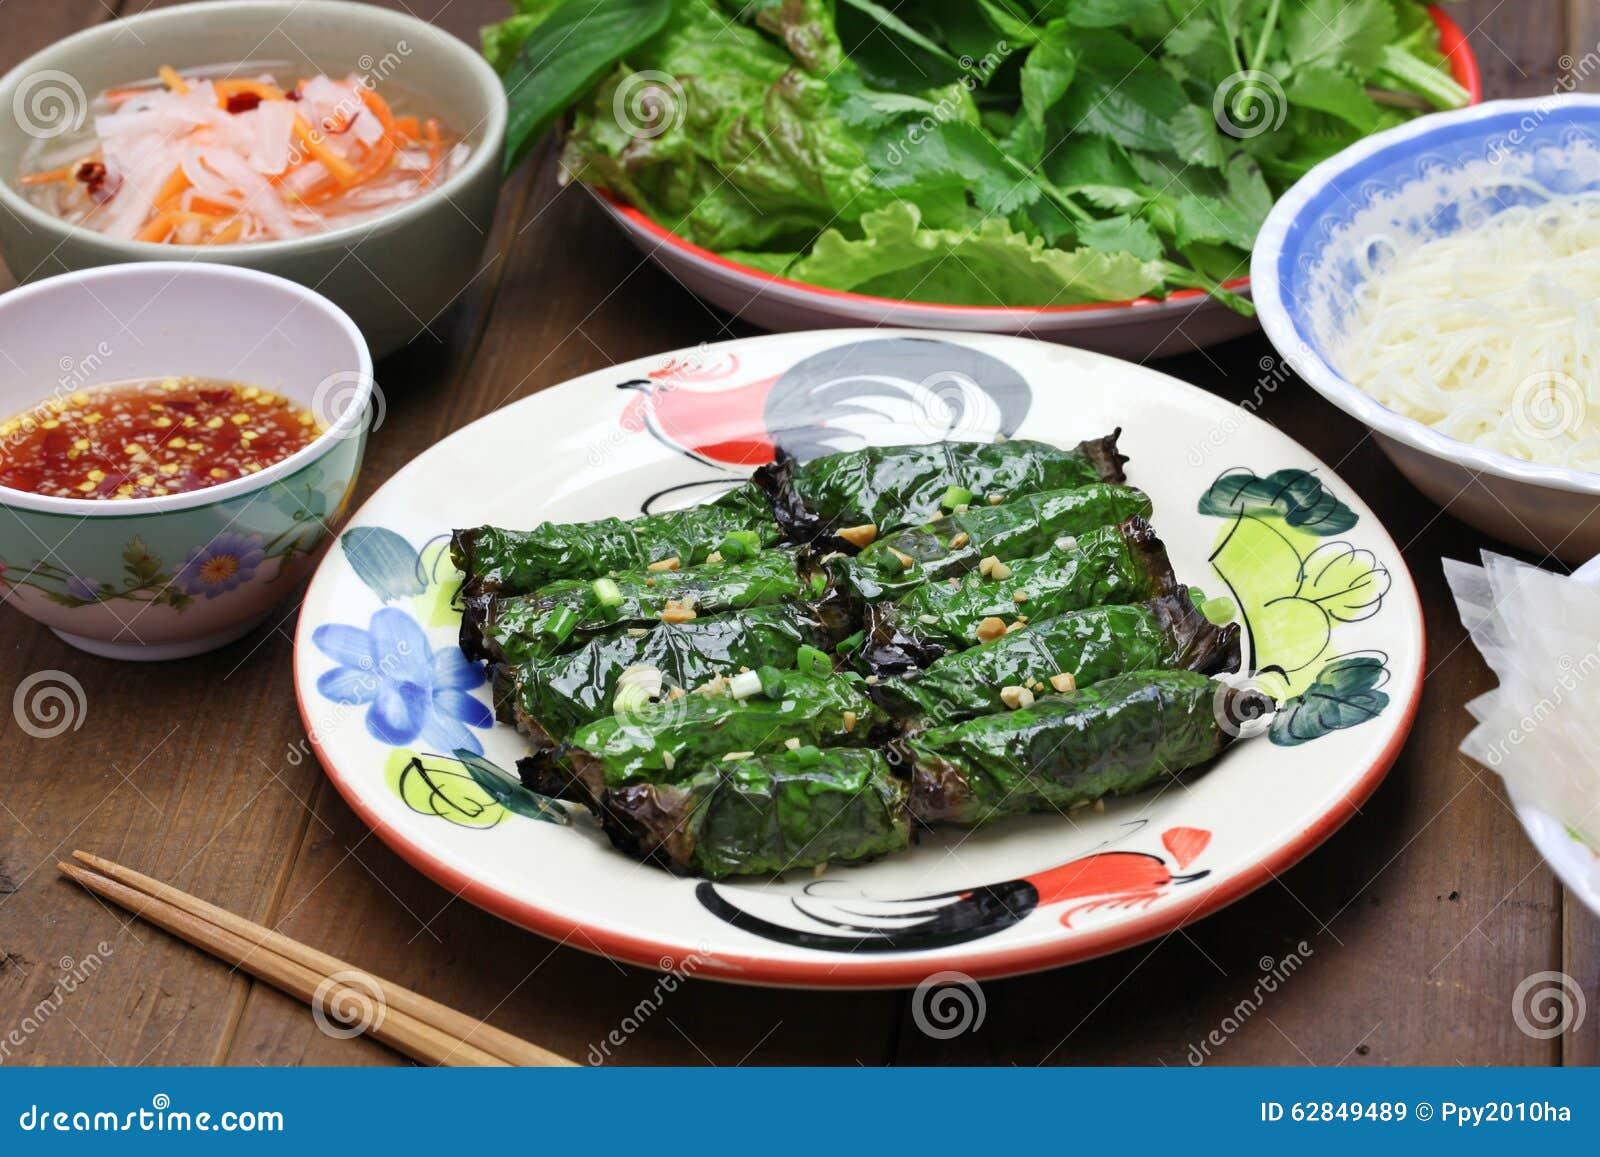 Grilled Zerkleinerte Das Rindfleisch, Das Im Betelblatt, Vietnamesische  Küche Eingewickelt Wurde